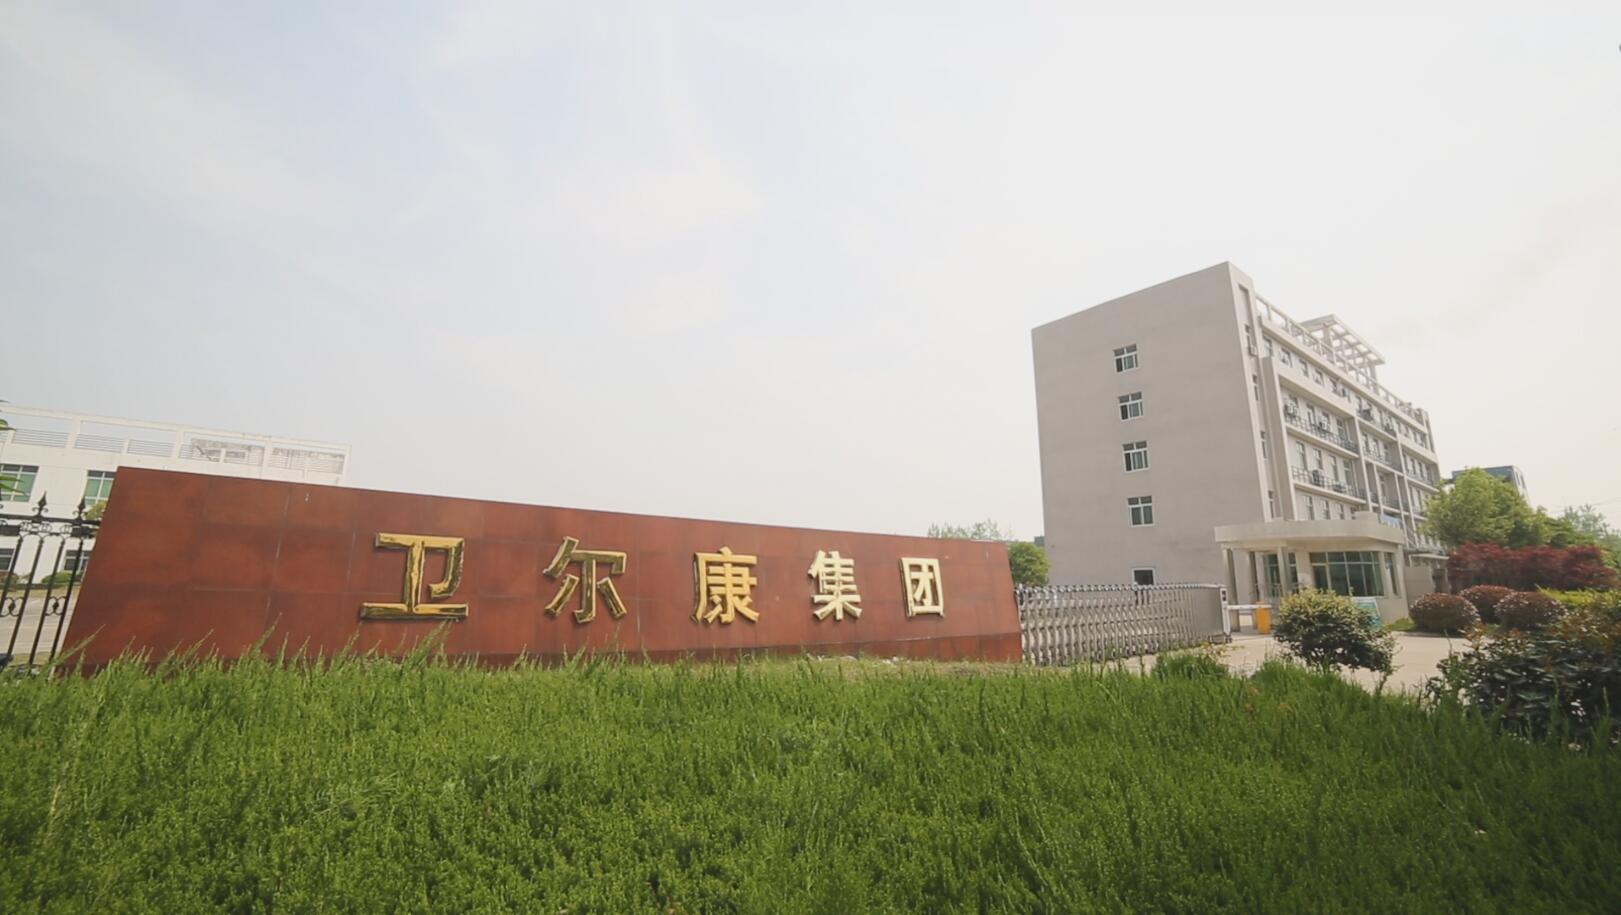 天天彩票软件集团2019年宣传片